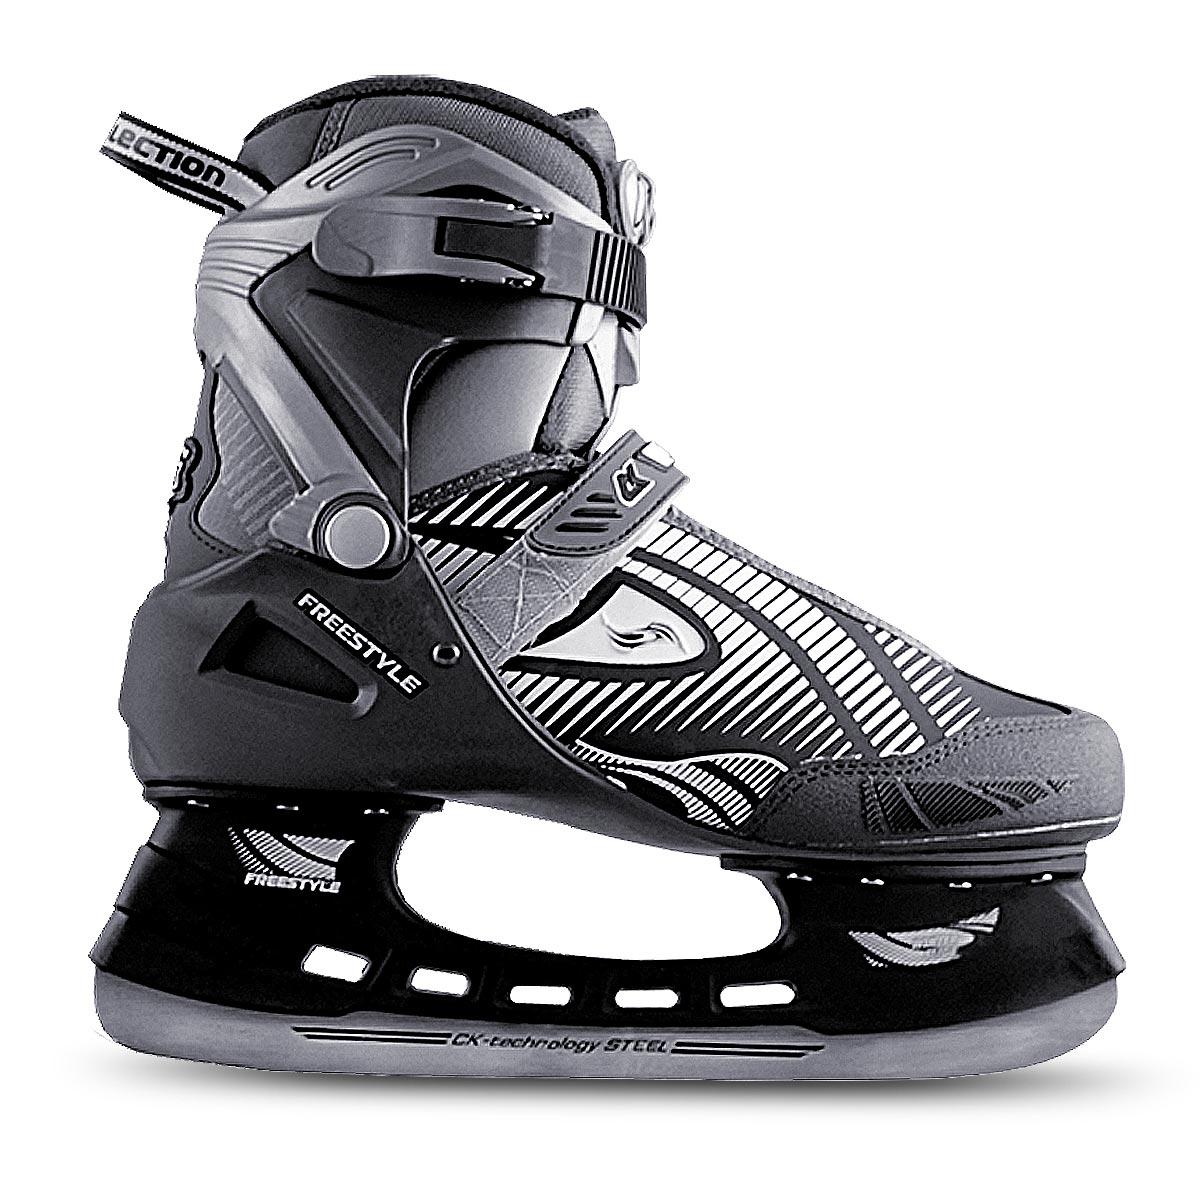 Коньки хоккейные мужские СК Freestyle, цвет: серый, черный. Размер 37FREESTYLE_серый, черный_37Оригинальные мужские коньки от CK Freestyle с ударопрочной защитной конструкцией прекрасно подойдут для начинающих игроков в хоккей. Сапожок, выполненный из комбинации ПВХ, морозостойкой искусственной кожи, нейлона и капровелюра, обеспечит тепло и комфорт во время катания. Внутренний слой изготовлен из фланелета, а стелька - из текстиля. Пластиковая бакля и шнуровка с фиксатором, а также хлястик на липучке надежно фиксируют голеностоп. Плотный мысок и усиленный задник оберегают ногу от ушибов. Фигурное лезвие изготовлено из углеродистой нержавеющей стали со специальным покрытием, придающим дополнительную прочность.Изделие по верху декорировано оригинальным принтом и тиснением в виде логотипа бренда. Задняя часть коньков дополнена широким ярлычком для более удобного надевания обуви. Стильные коньки придутся вам по душе.